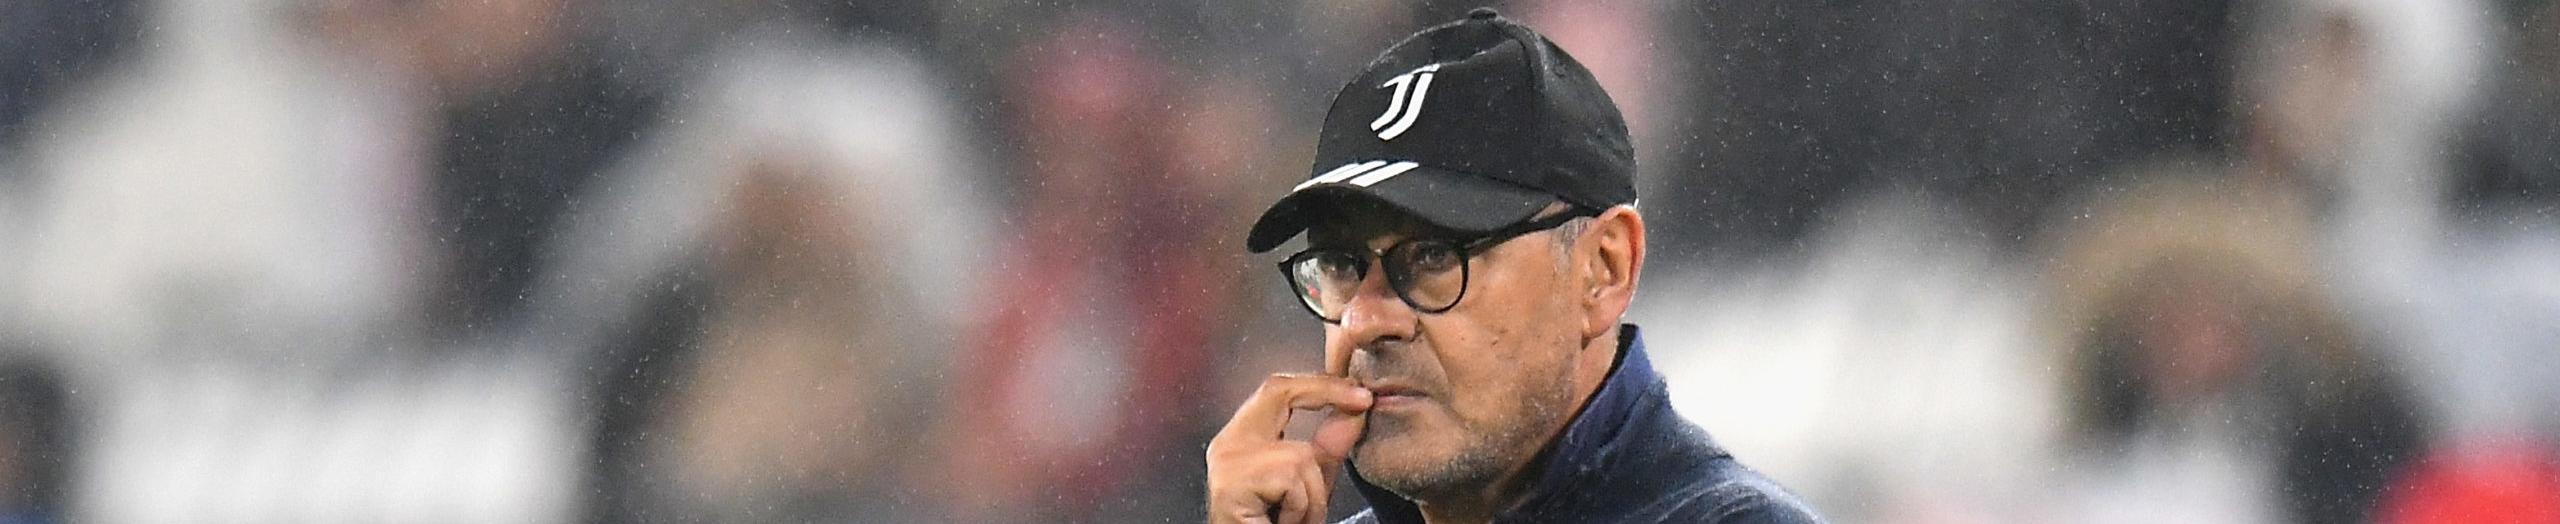 Napoli-Juventus, Sarri torna in quello che è stato il suo regno e non può fare sconti -  pronostico e ultimissime